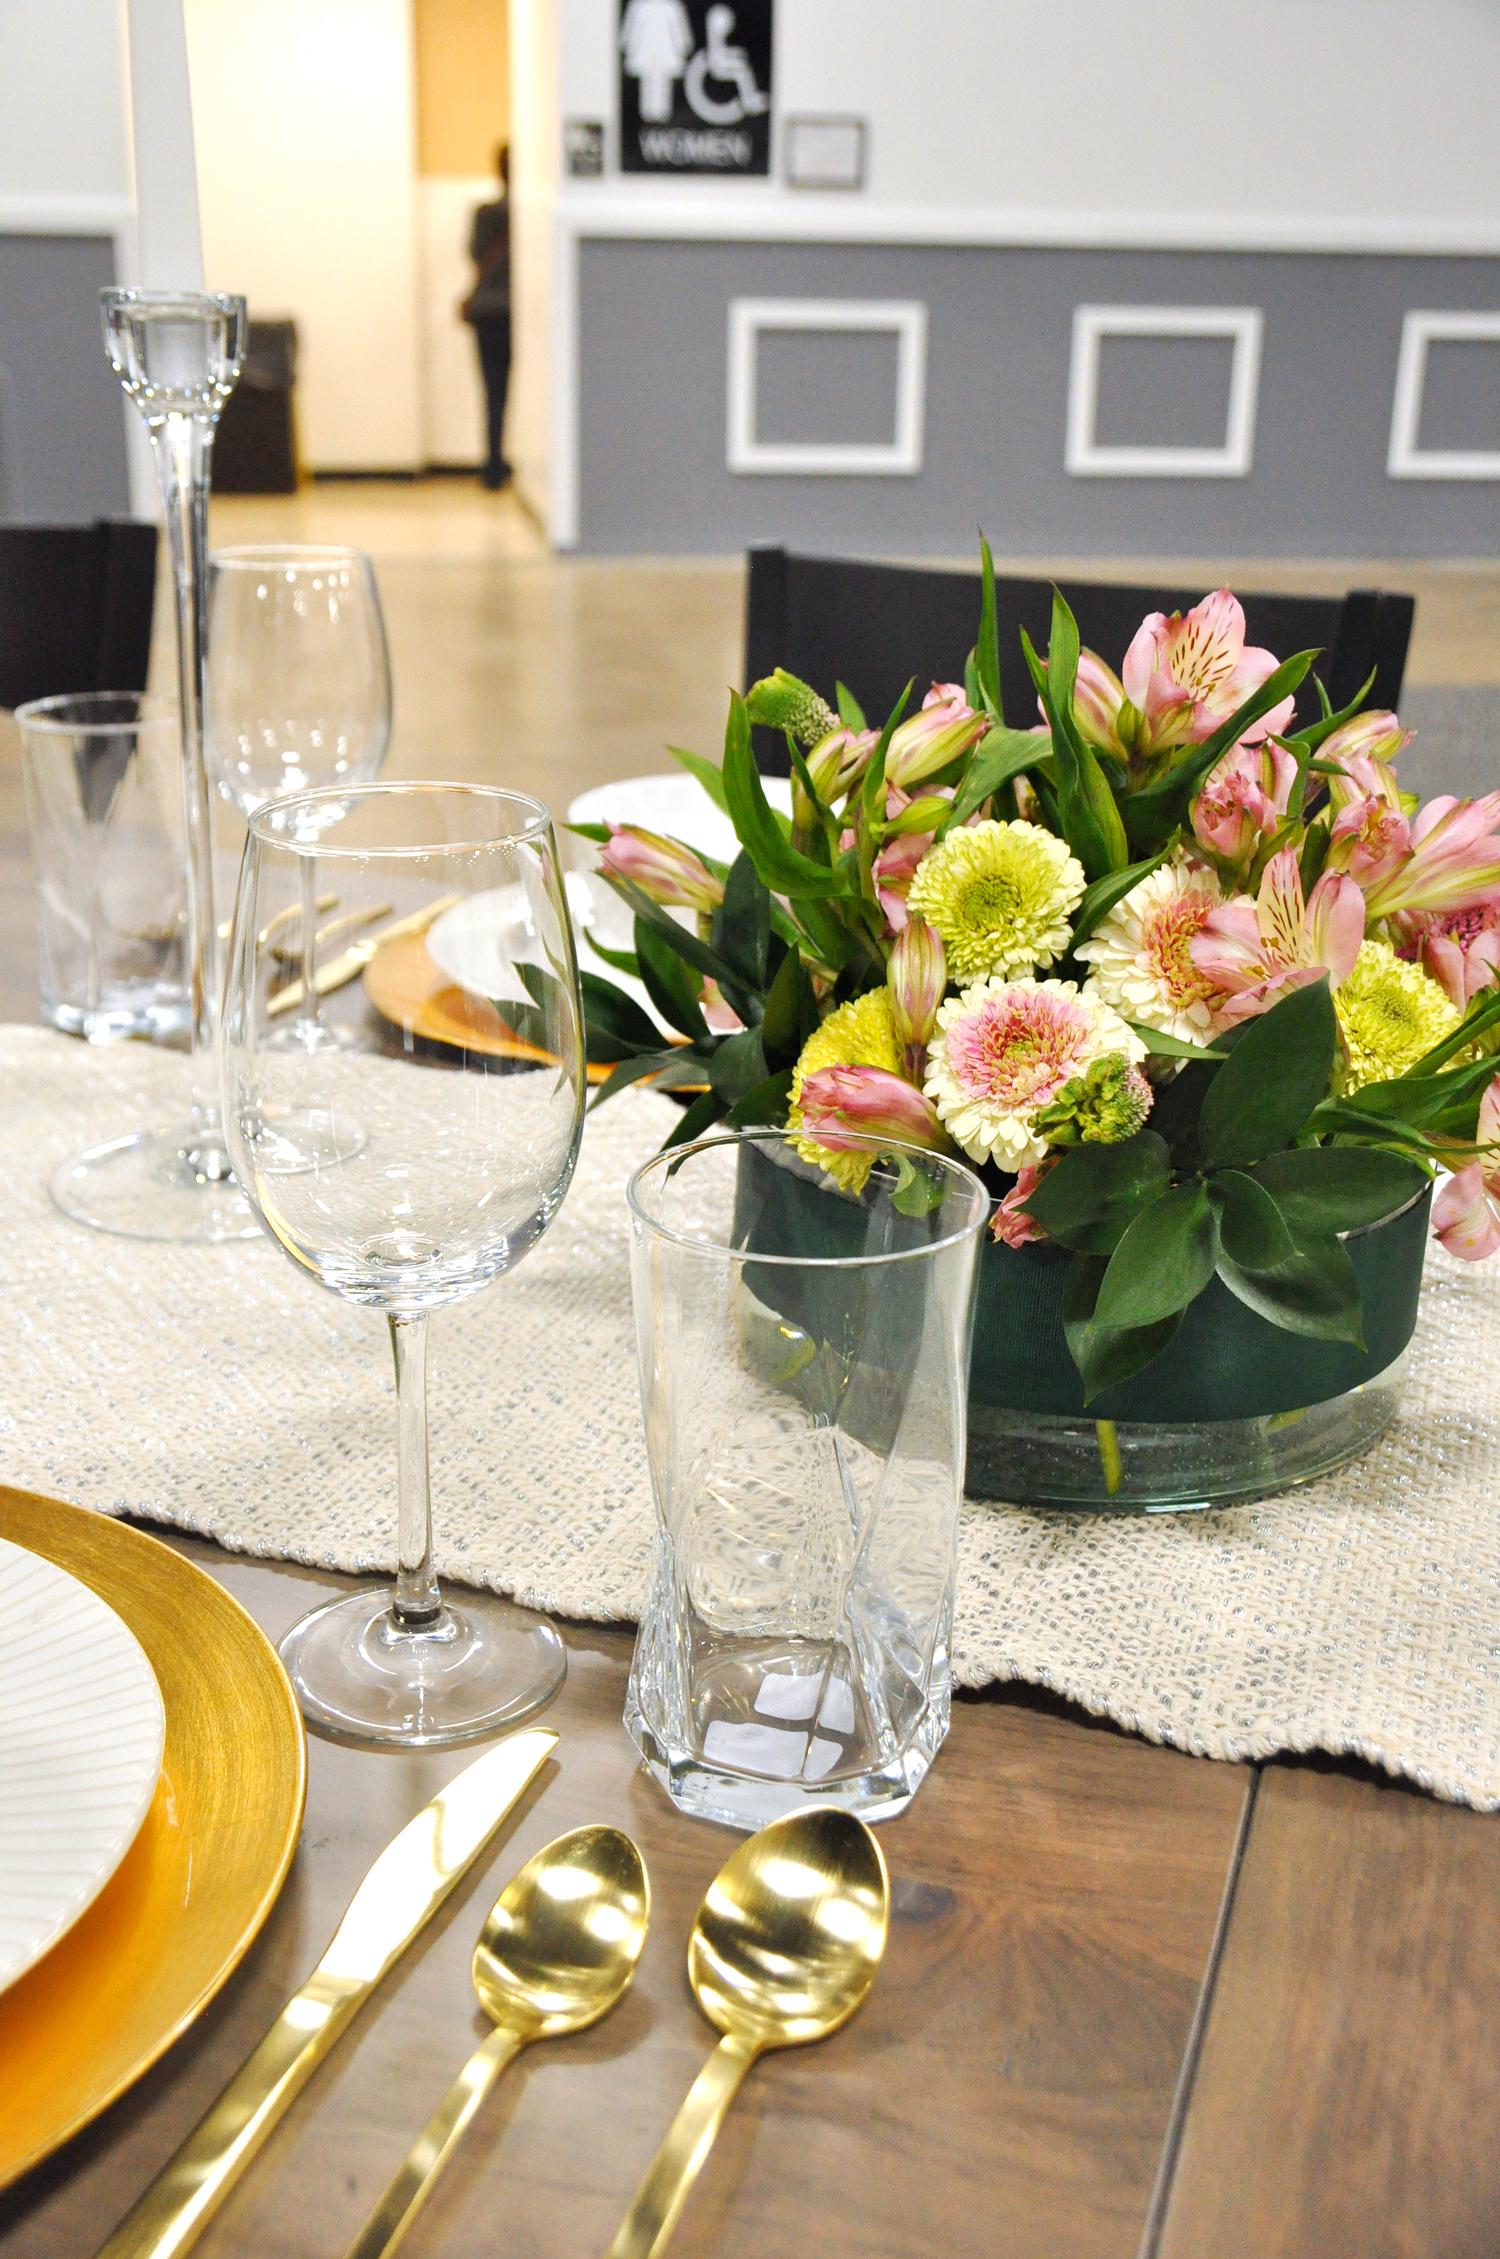 Home-Show-Feminine-Sophisticated-Elegant-Tablescape-Table-Setting-19.jpg